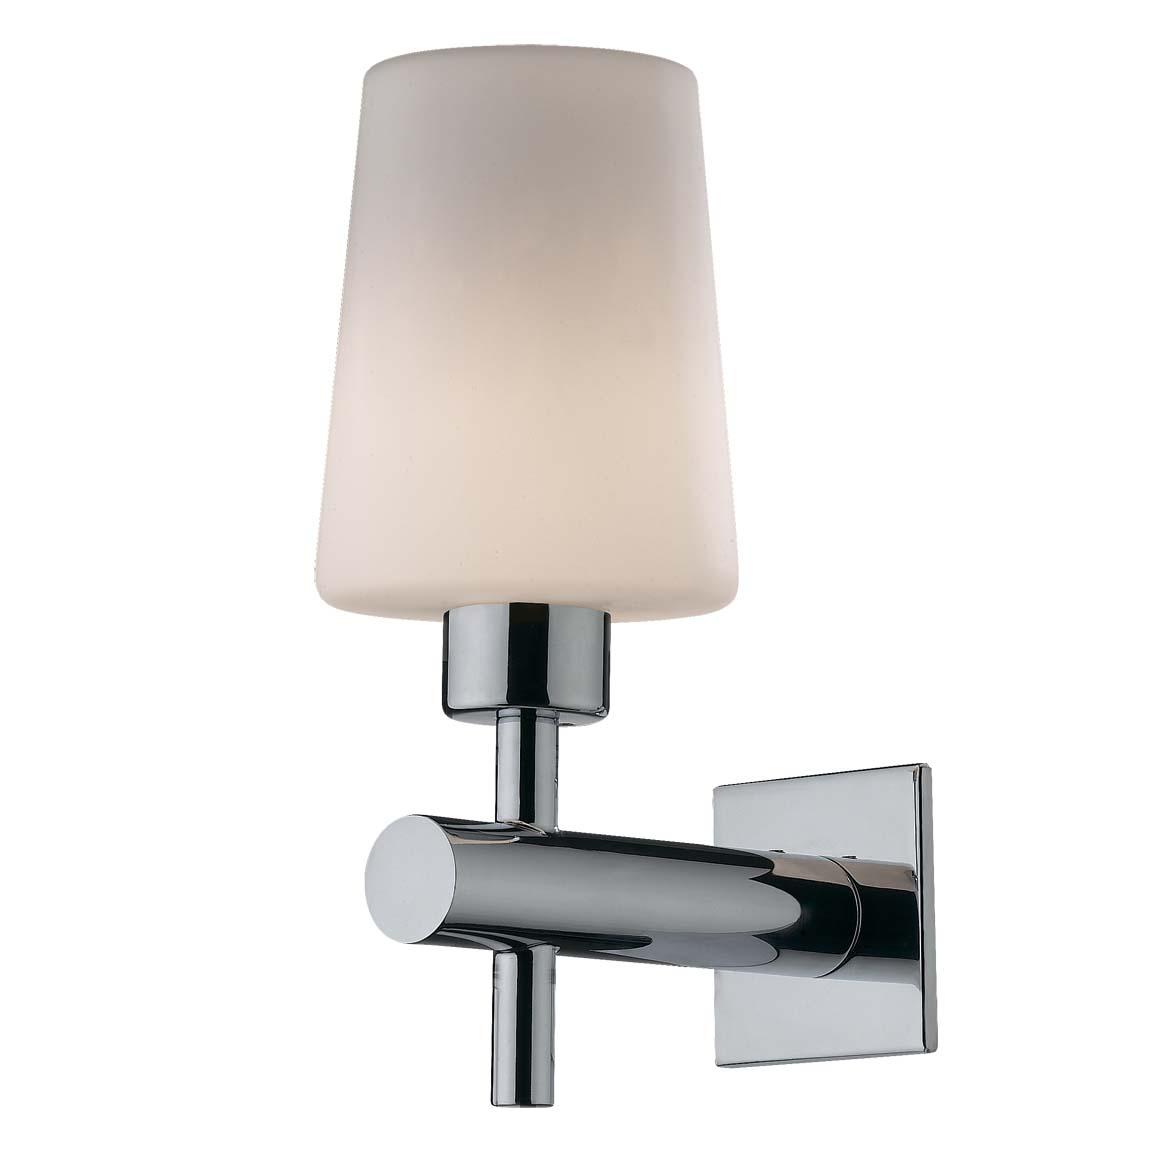 Светильник для ванной комнаты Odeon light 2149/1w